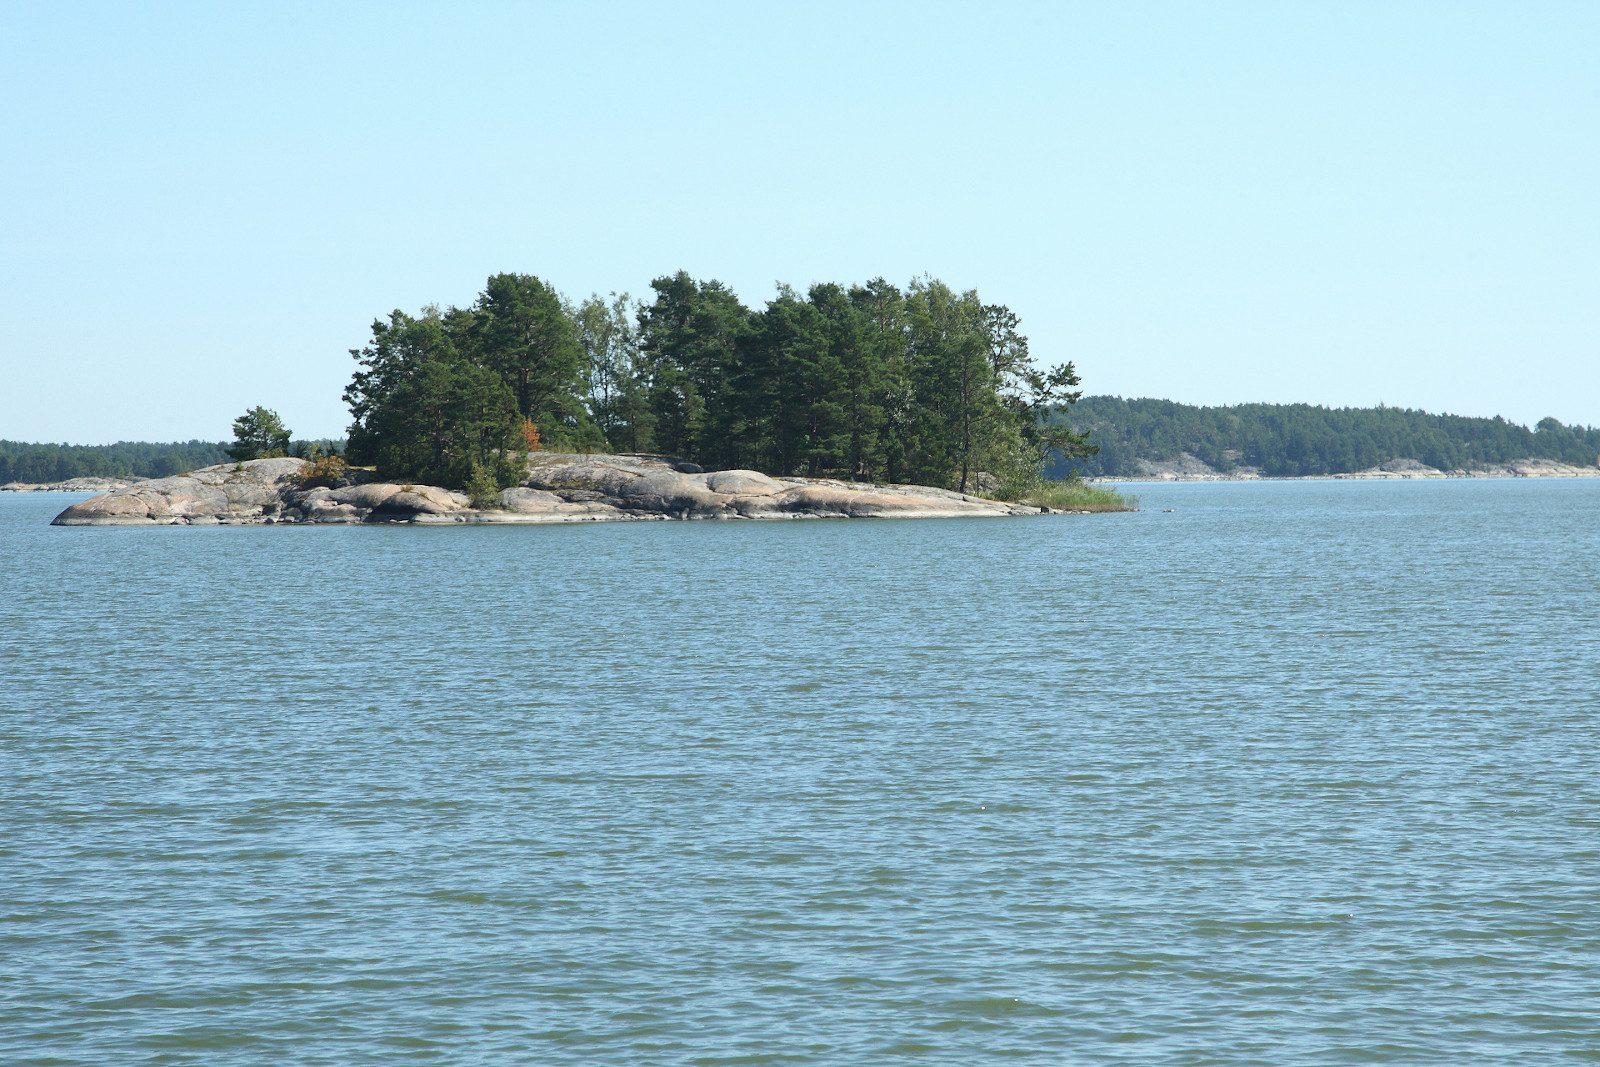 Kesäinen meri, kalliosaari, jolla muutamia puita, sininen taivas.